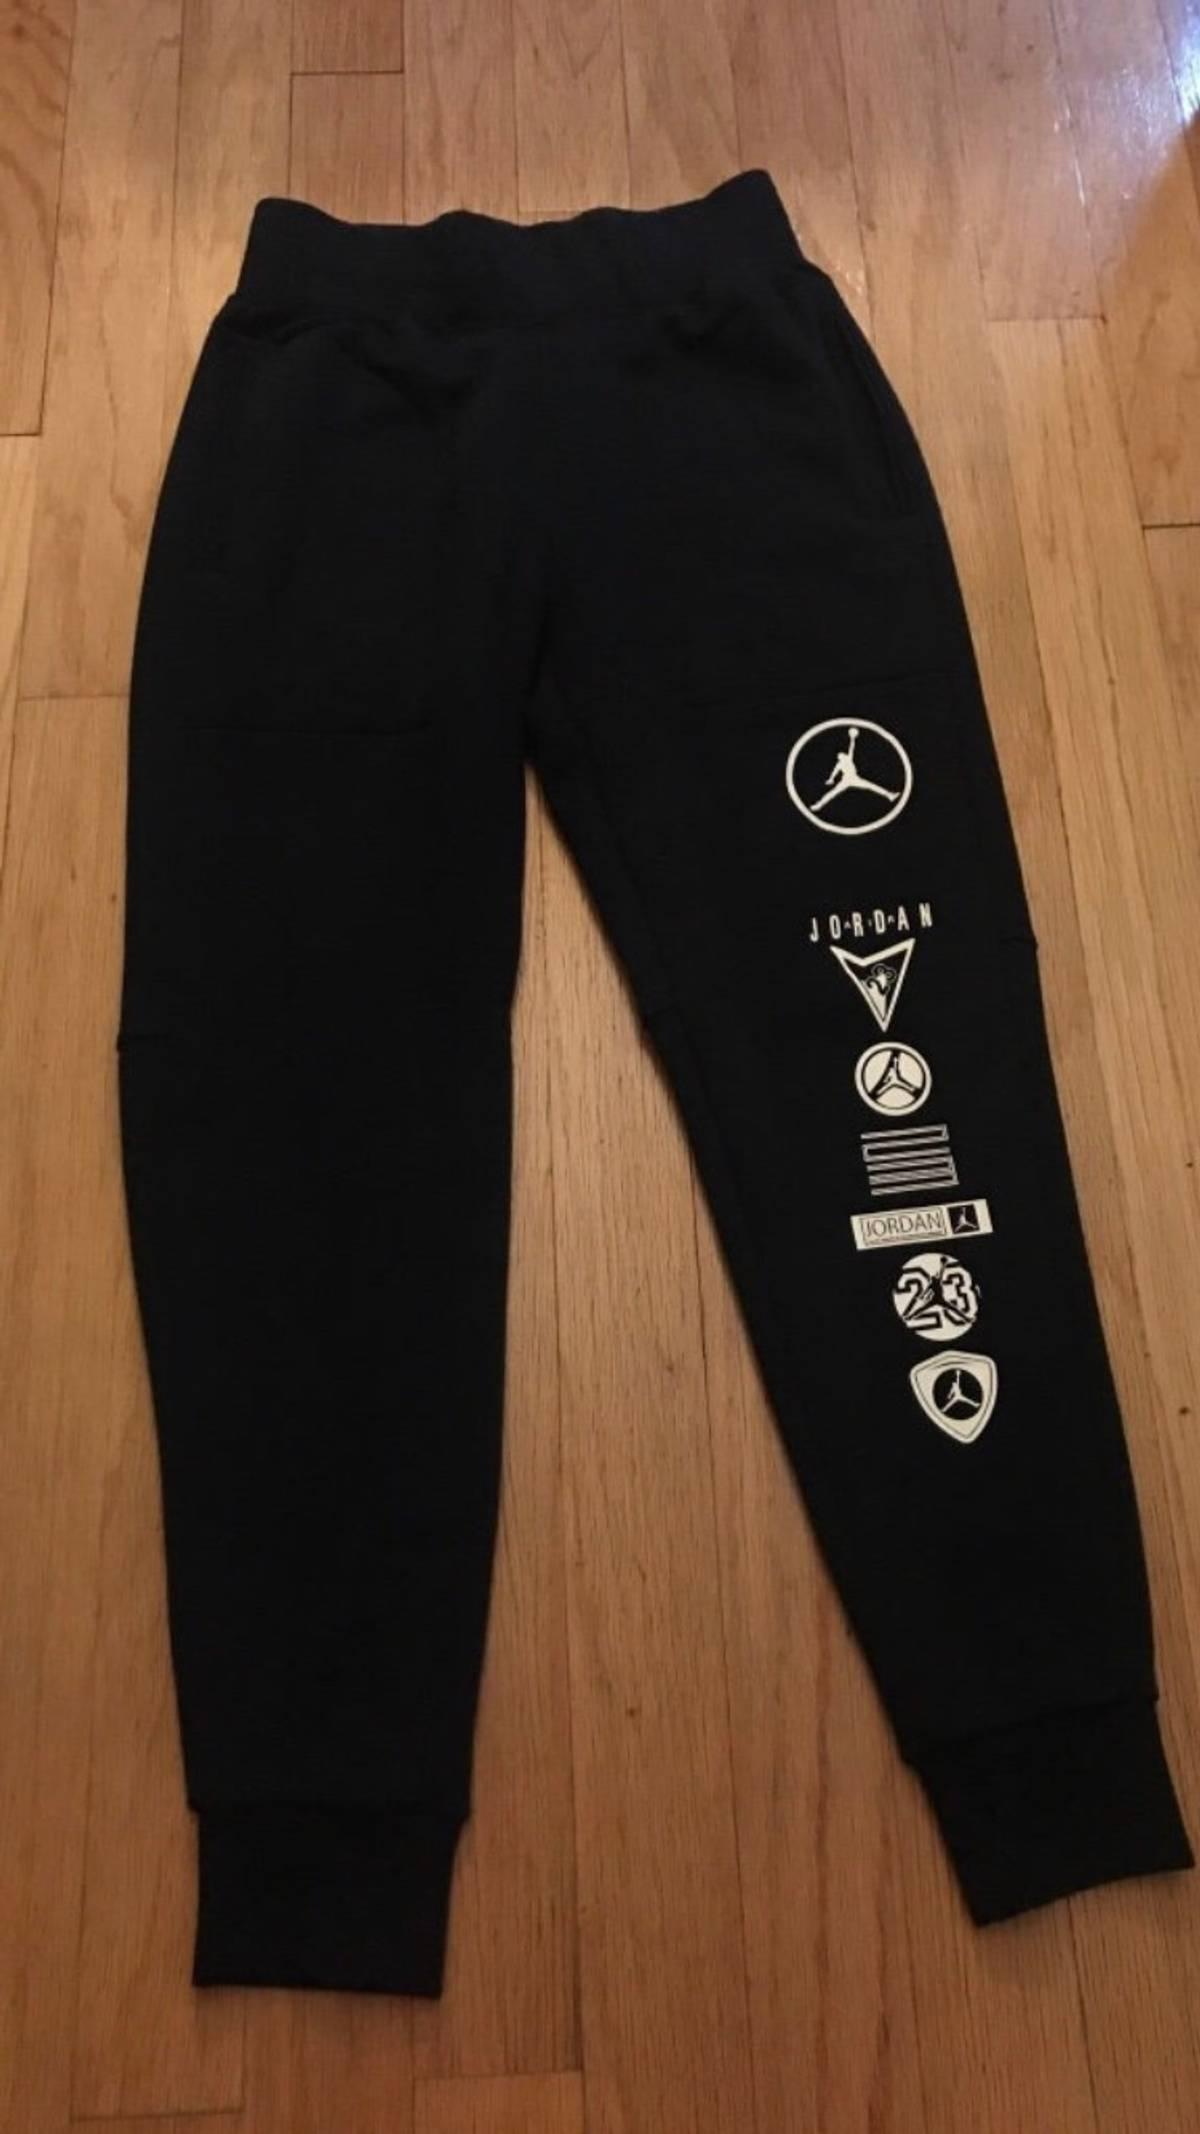 968b64f8987711 Jordan Brand Nike Air Jordan Sweatpants In Black Size M